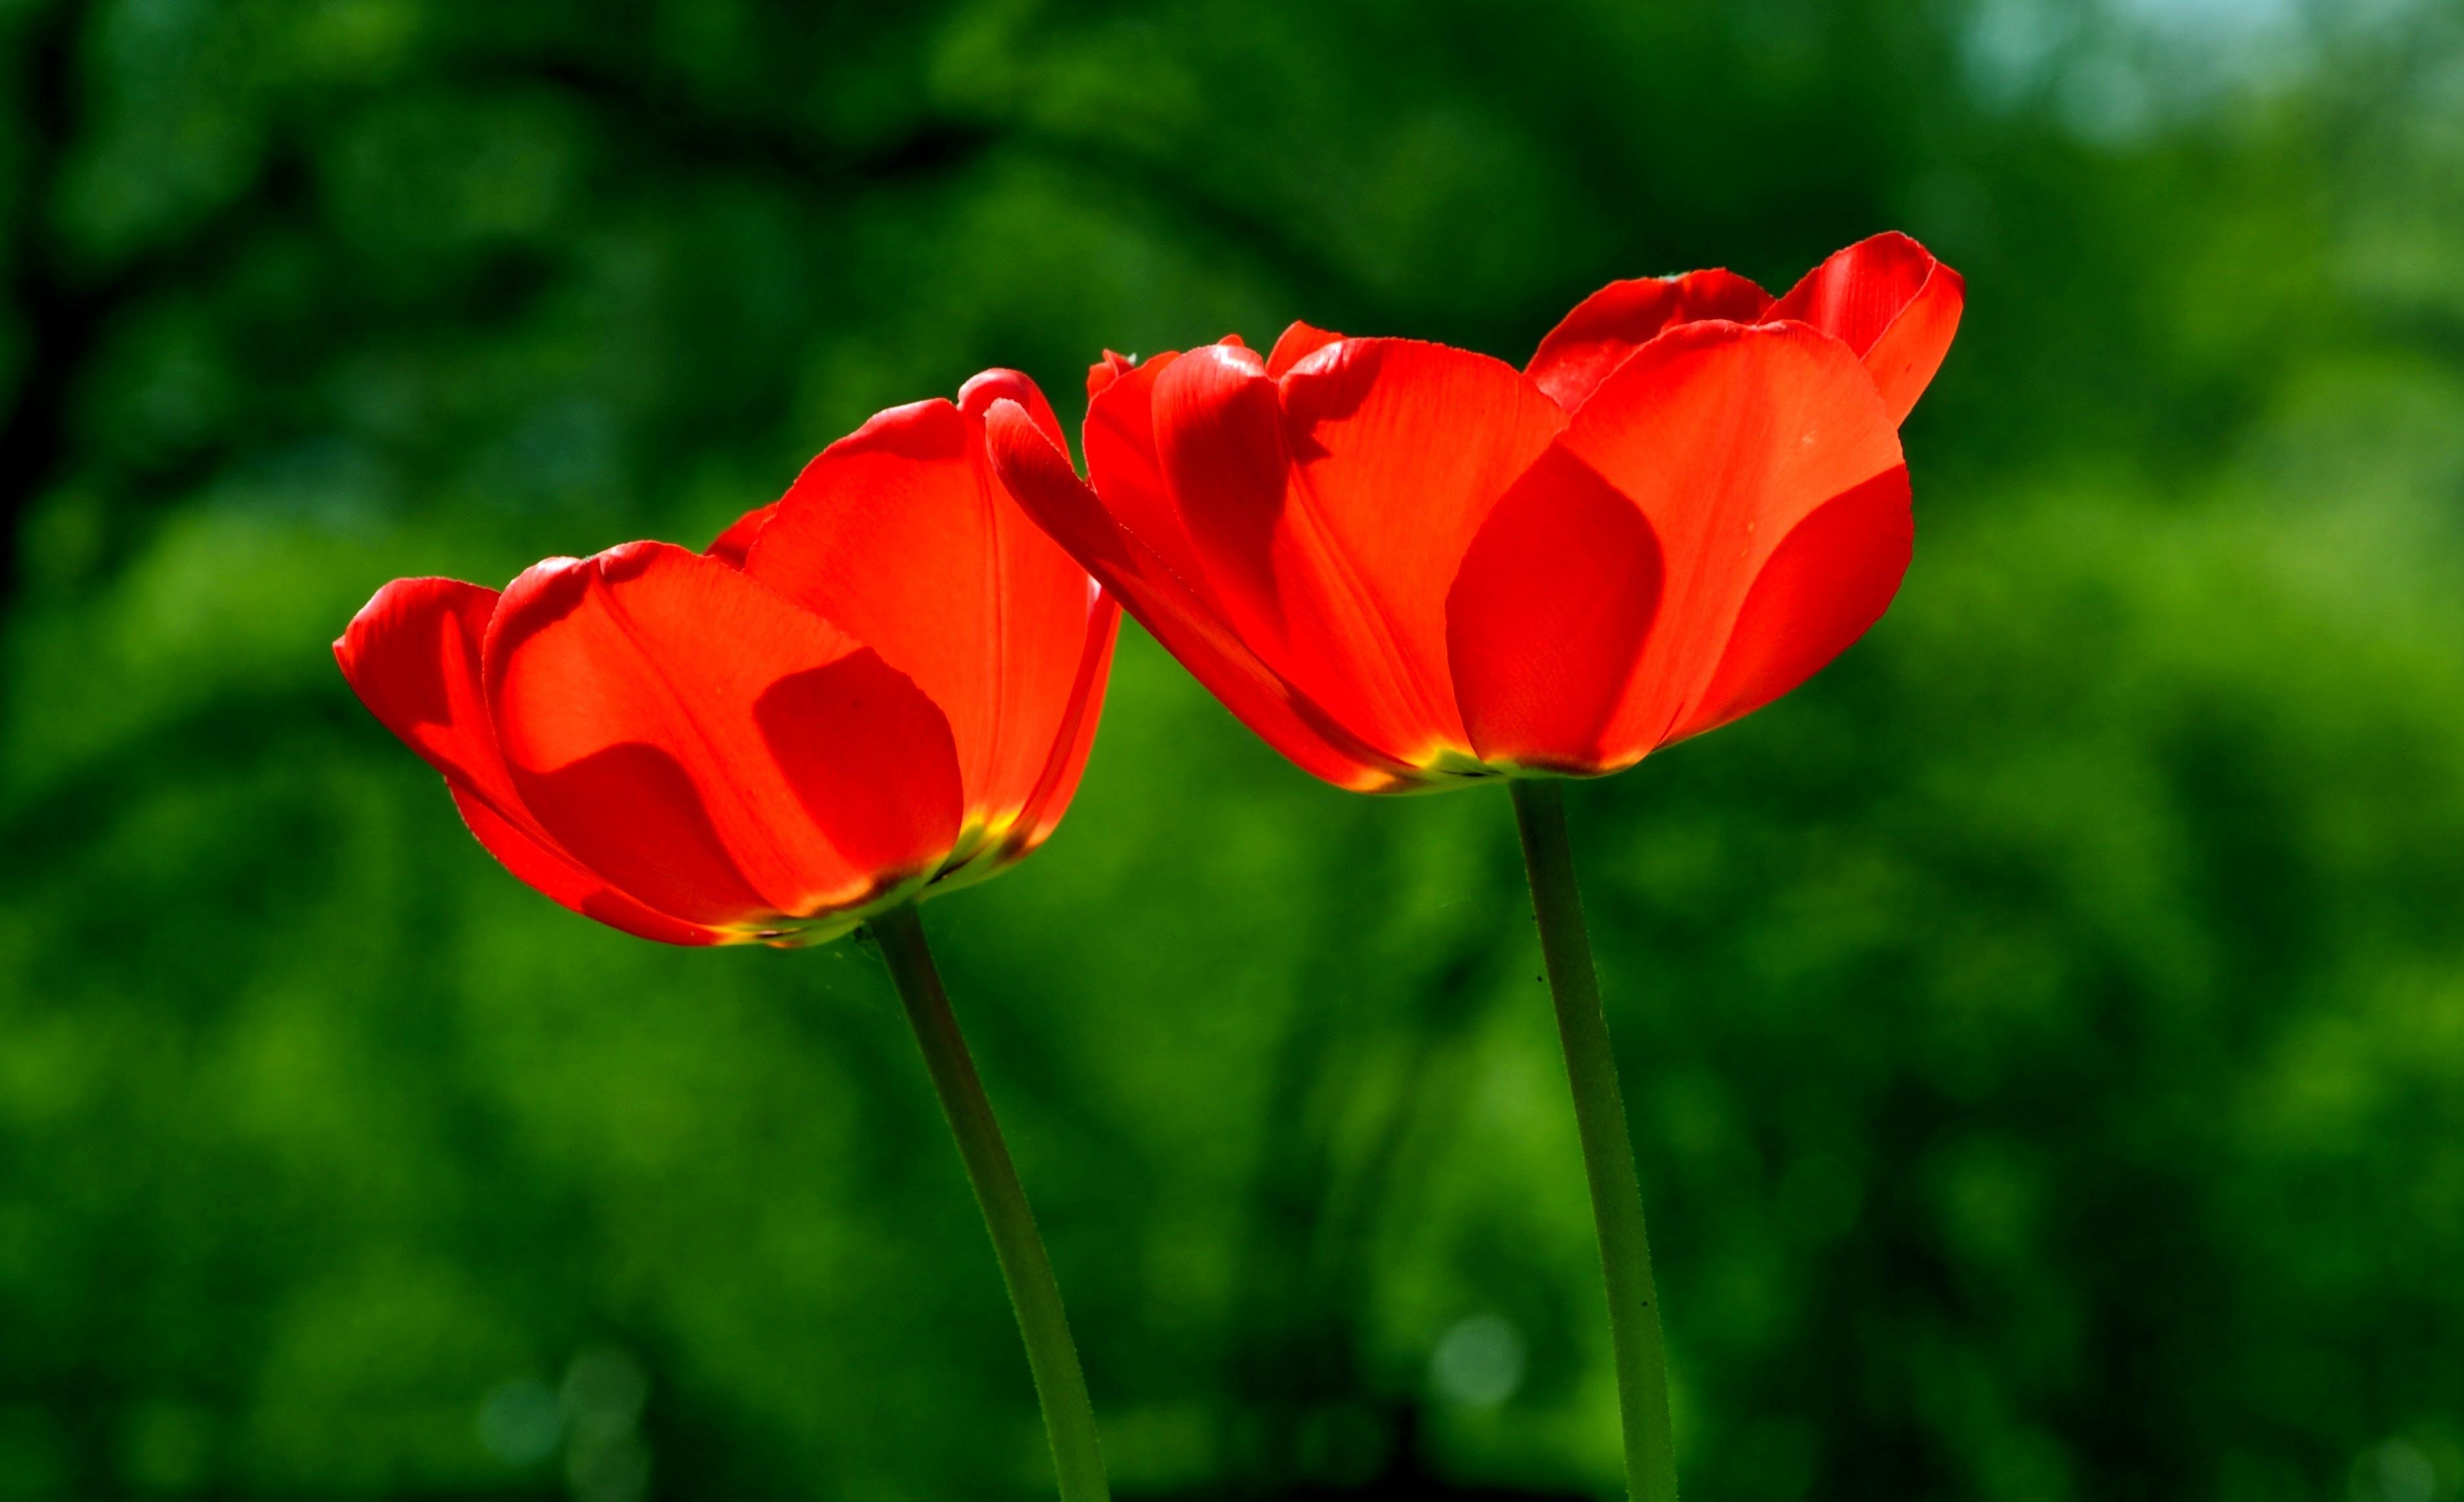 Δωρεάν στοκ φωτογραφιών με ανθίζω, άνθος, λουλούδια, Ταπετσαρία HD